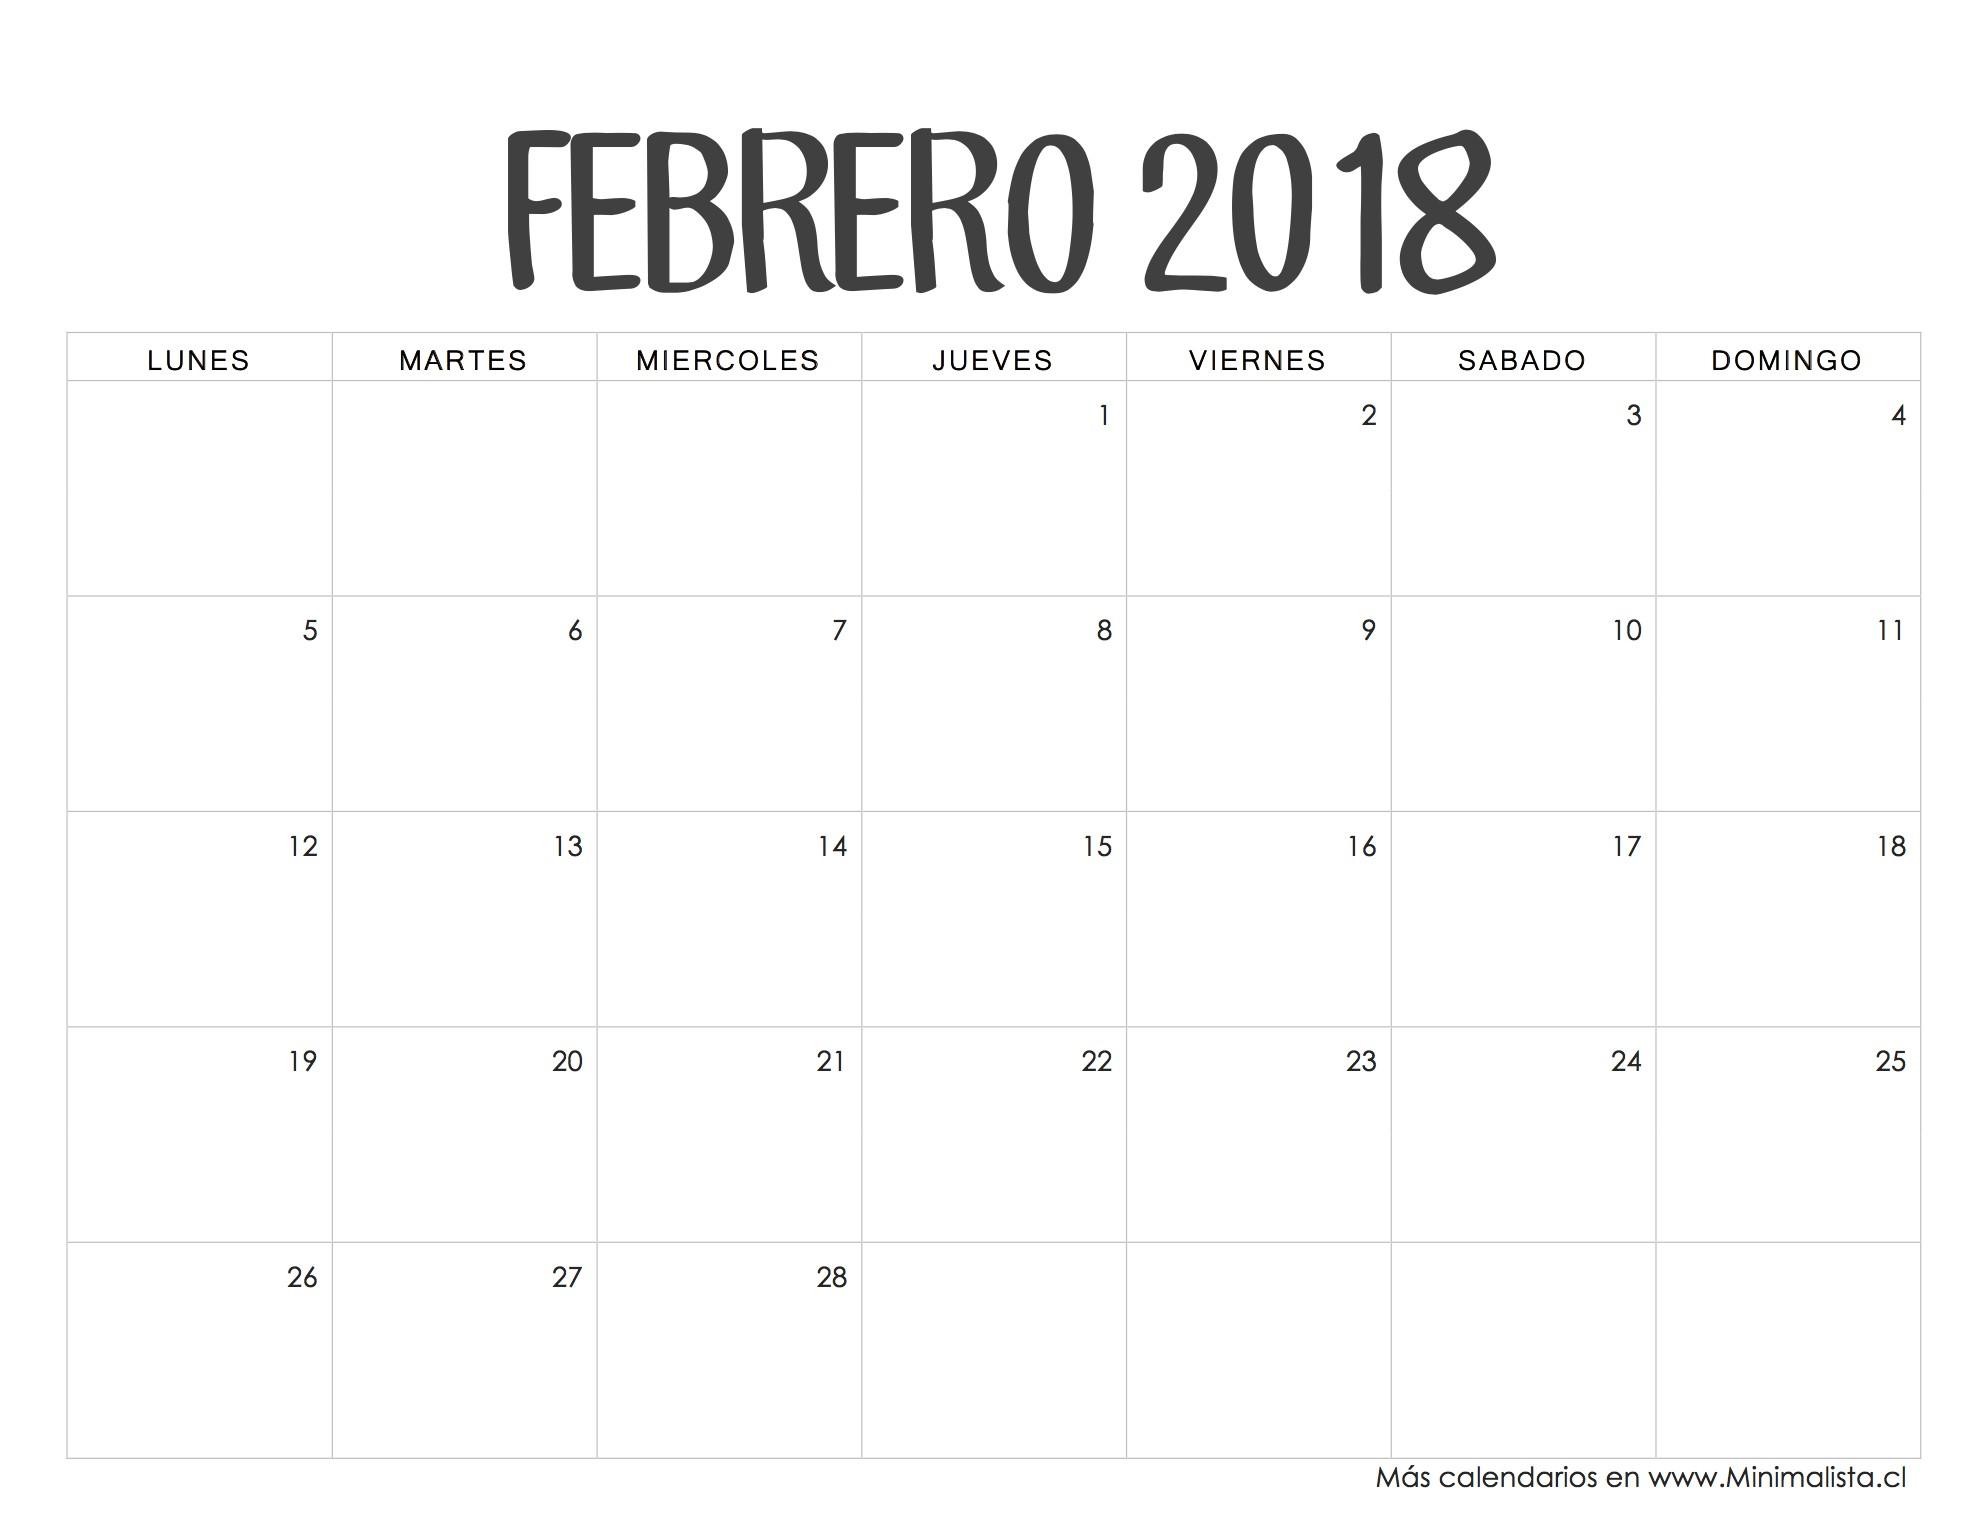 Calendario 2019 Para Imprimir Mes A Mes Recientes Calendario Febrero 2018 Dise±os Pinterest Of Calendario 2019 Para Imprimir Mes A Mes Más Populares Calendário 2019